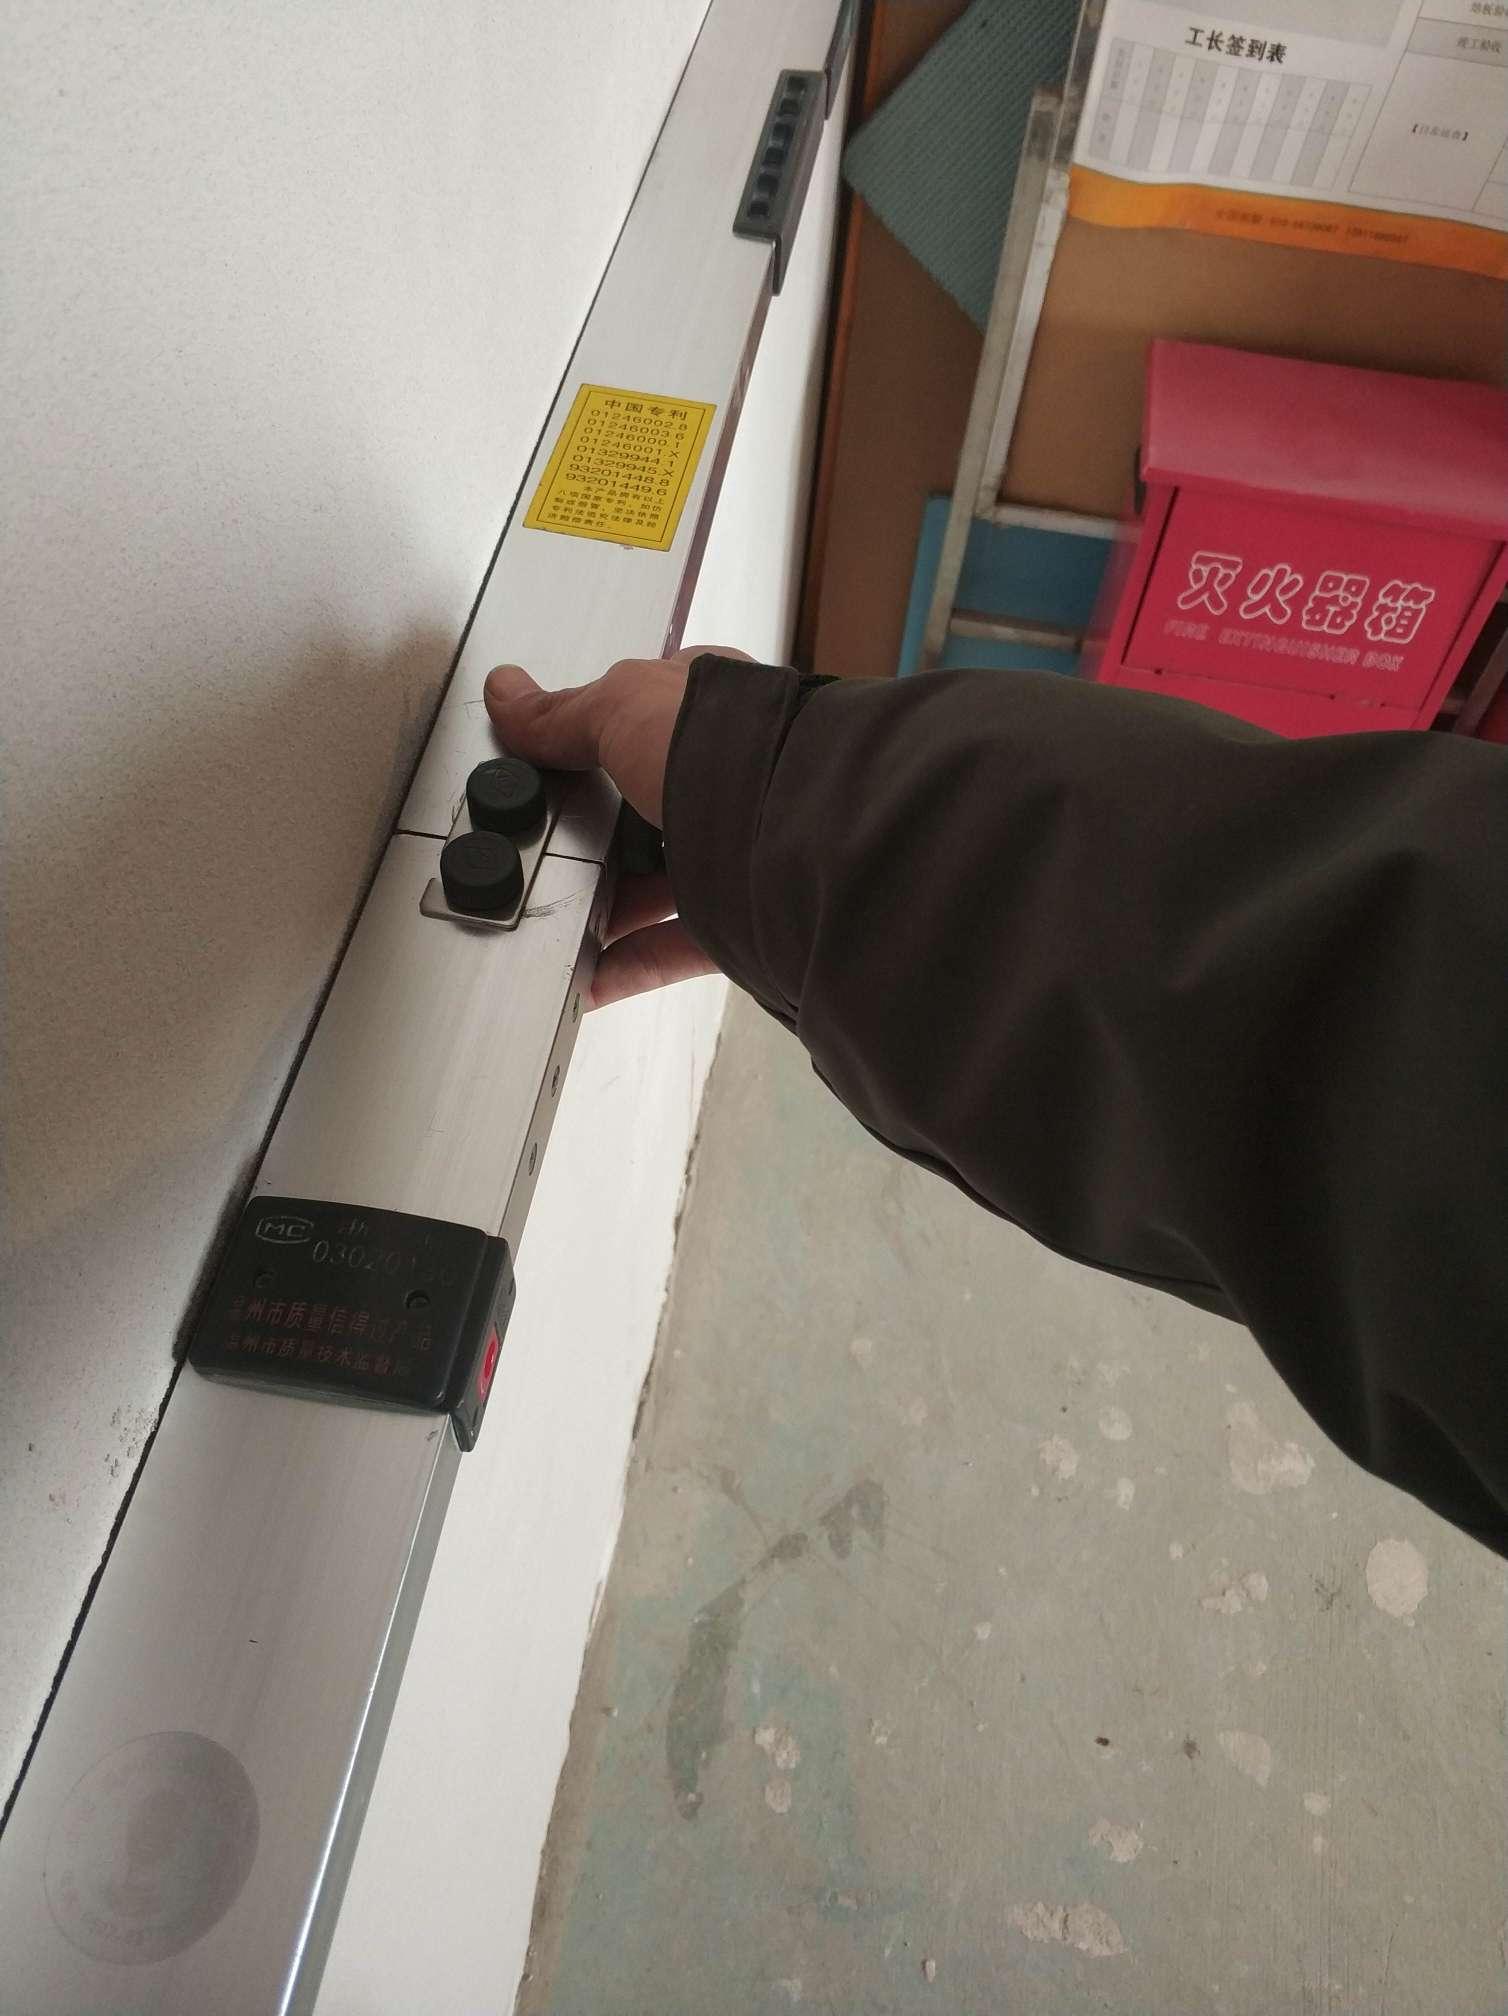 北京双清苑-瓦/木工基础施工检查-2018-11-09